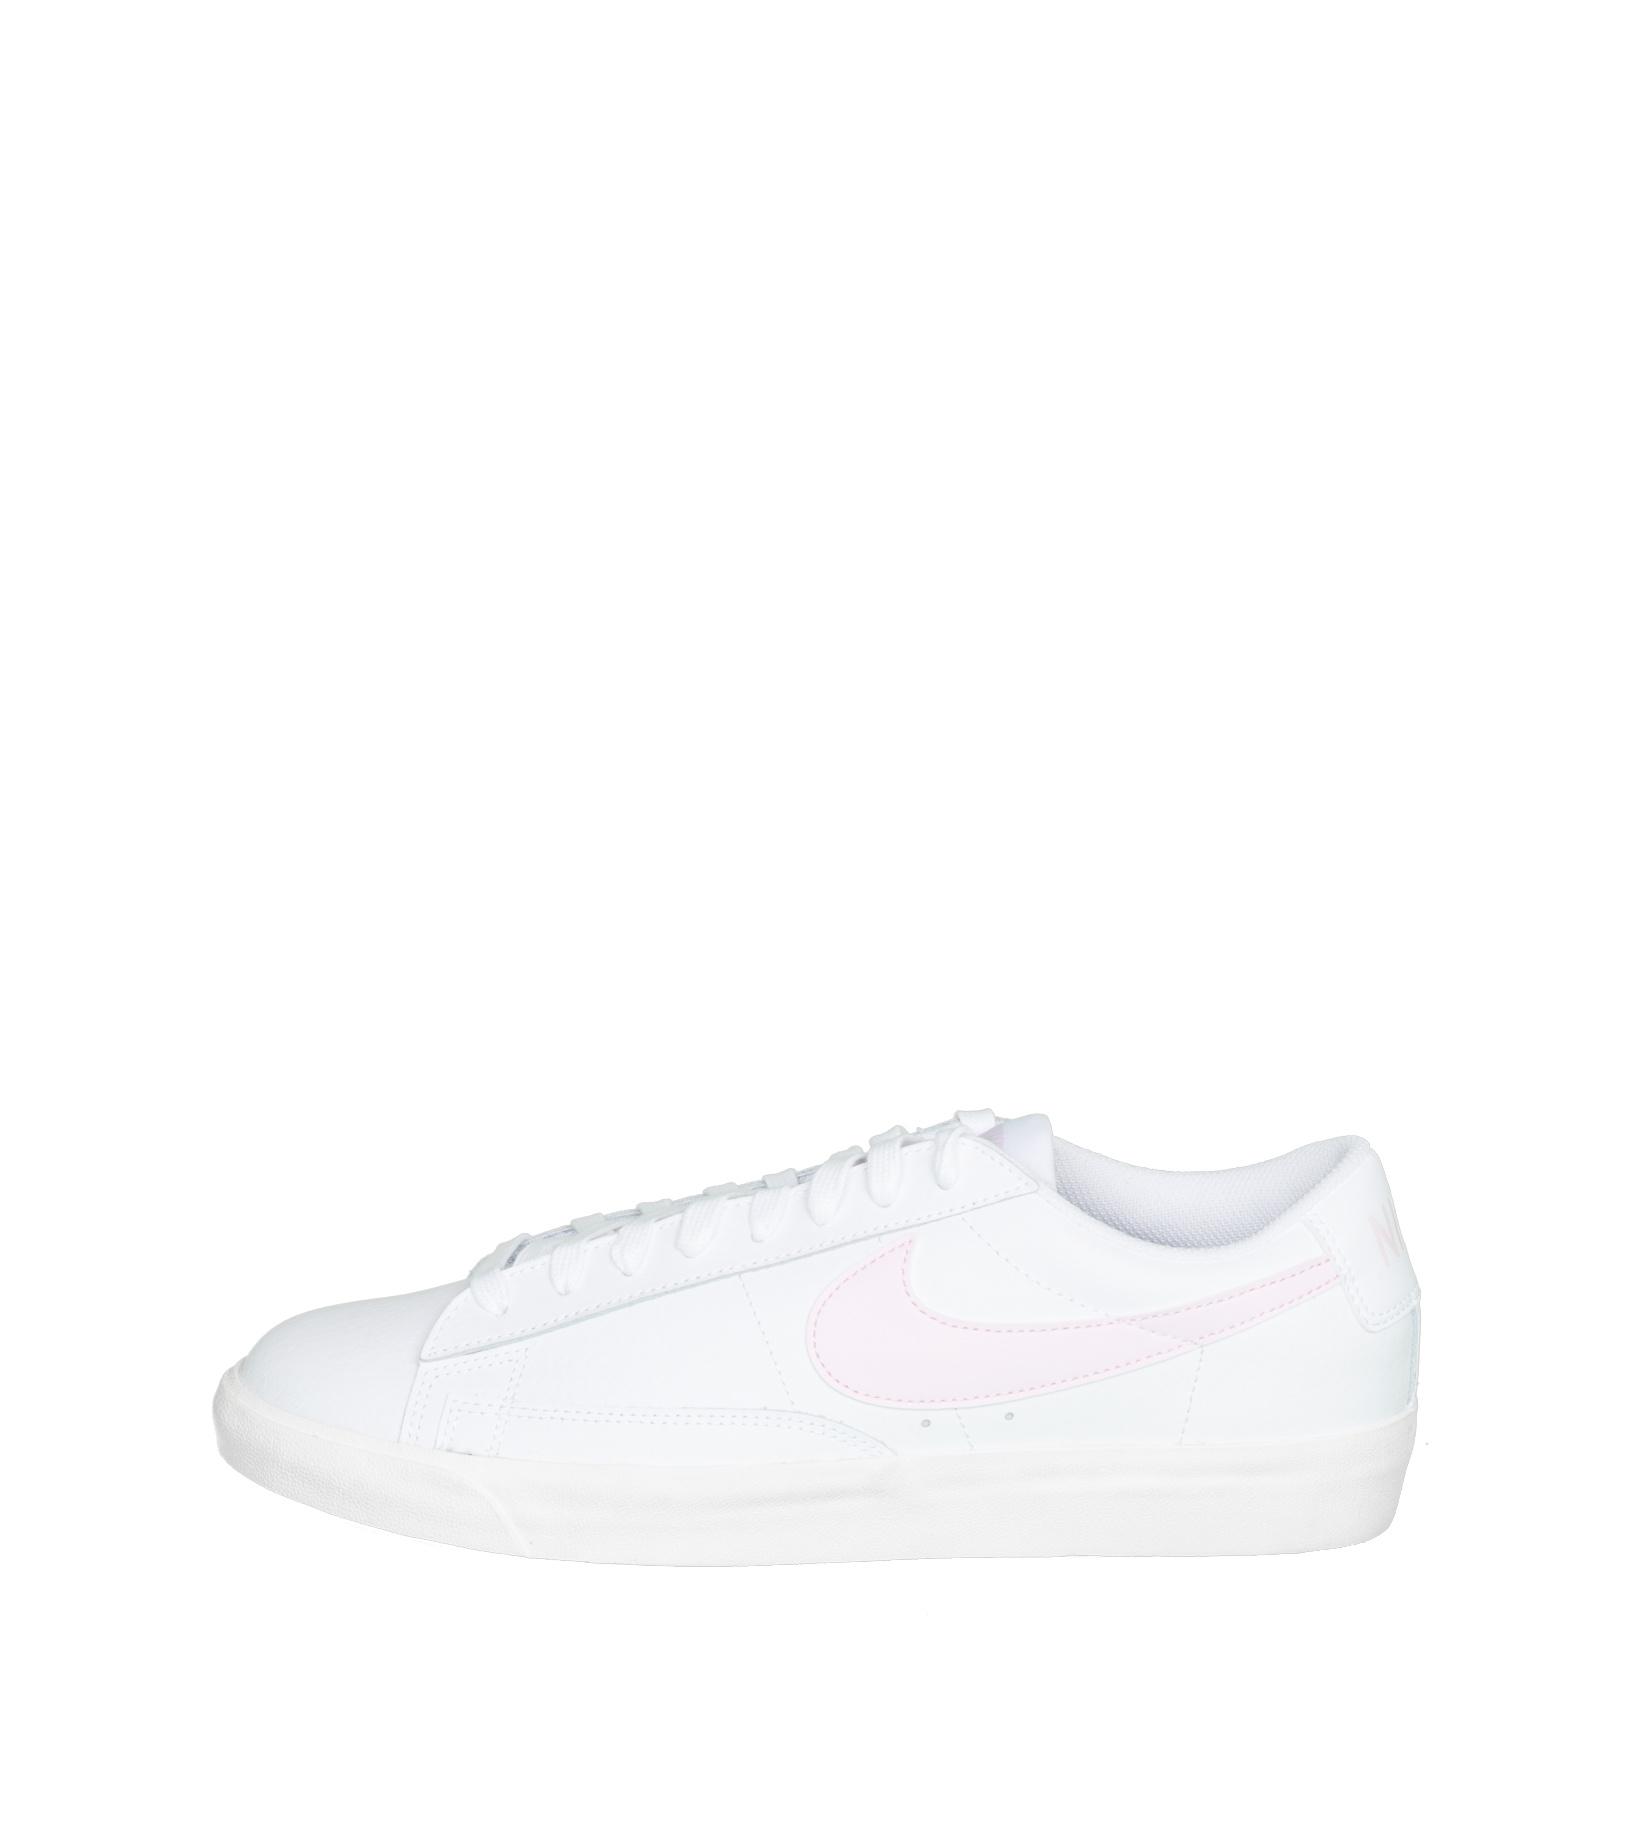 """Blazer Low Leather """"White/Pink Foam""""-3"""